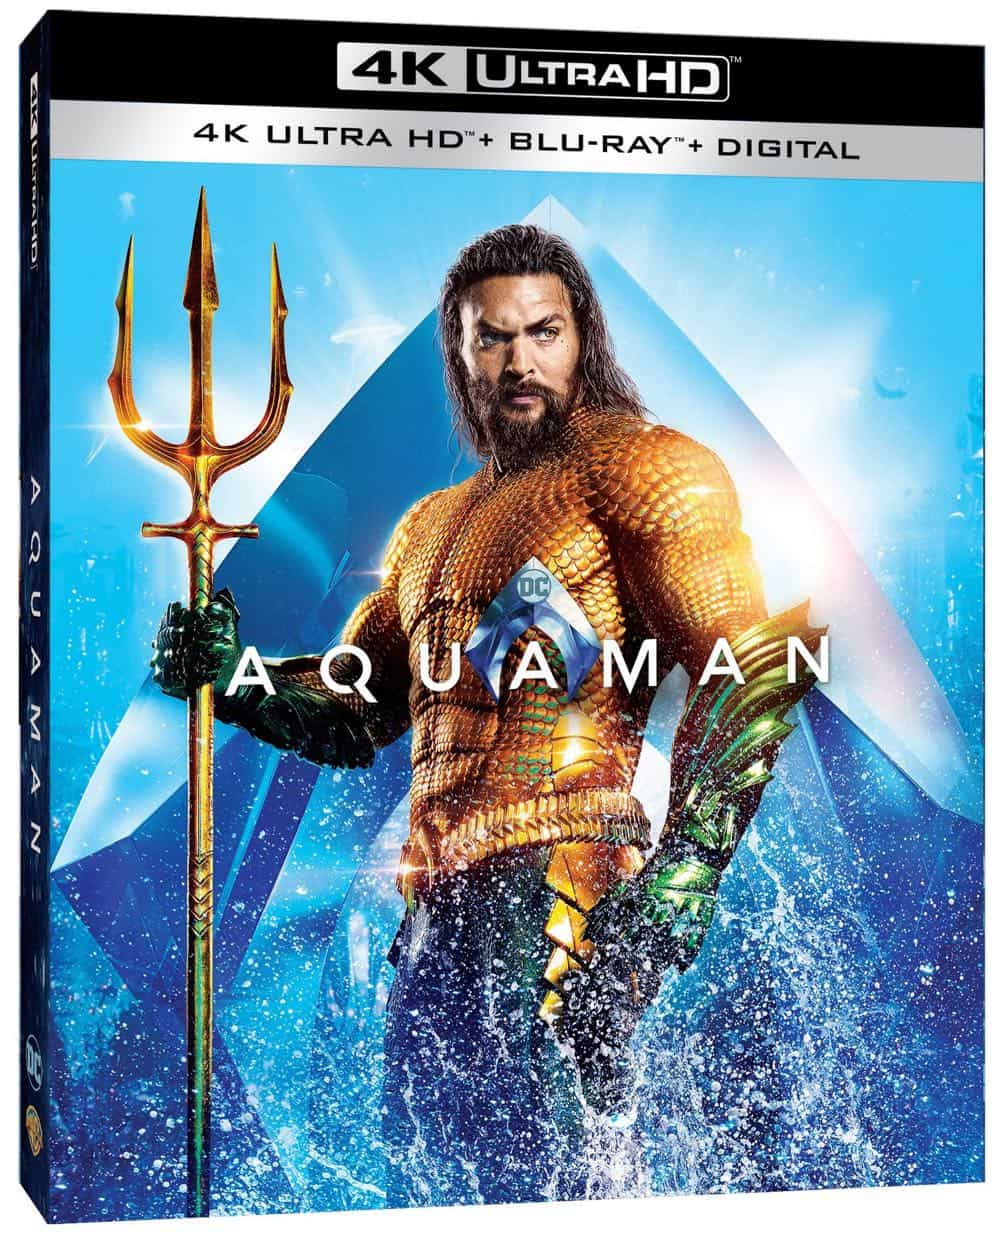 Aquaman 4K Bluray Digital 2